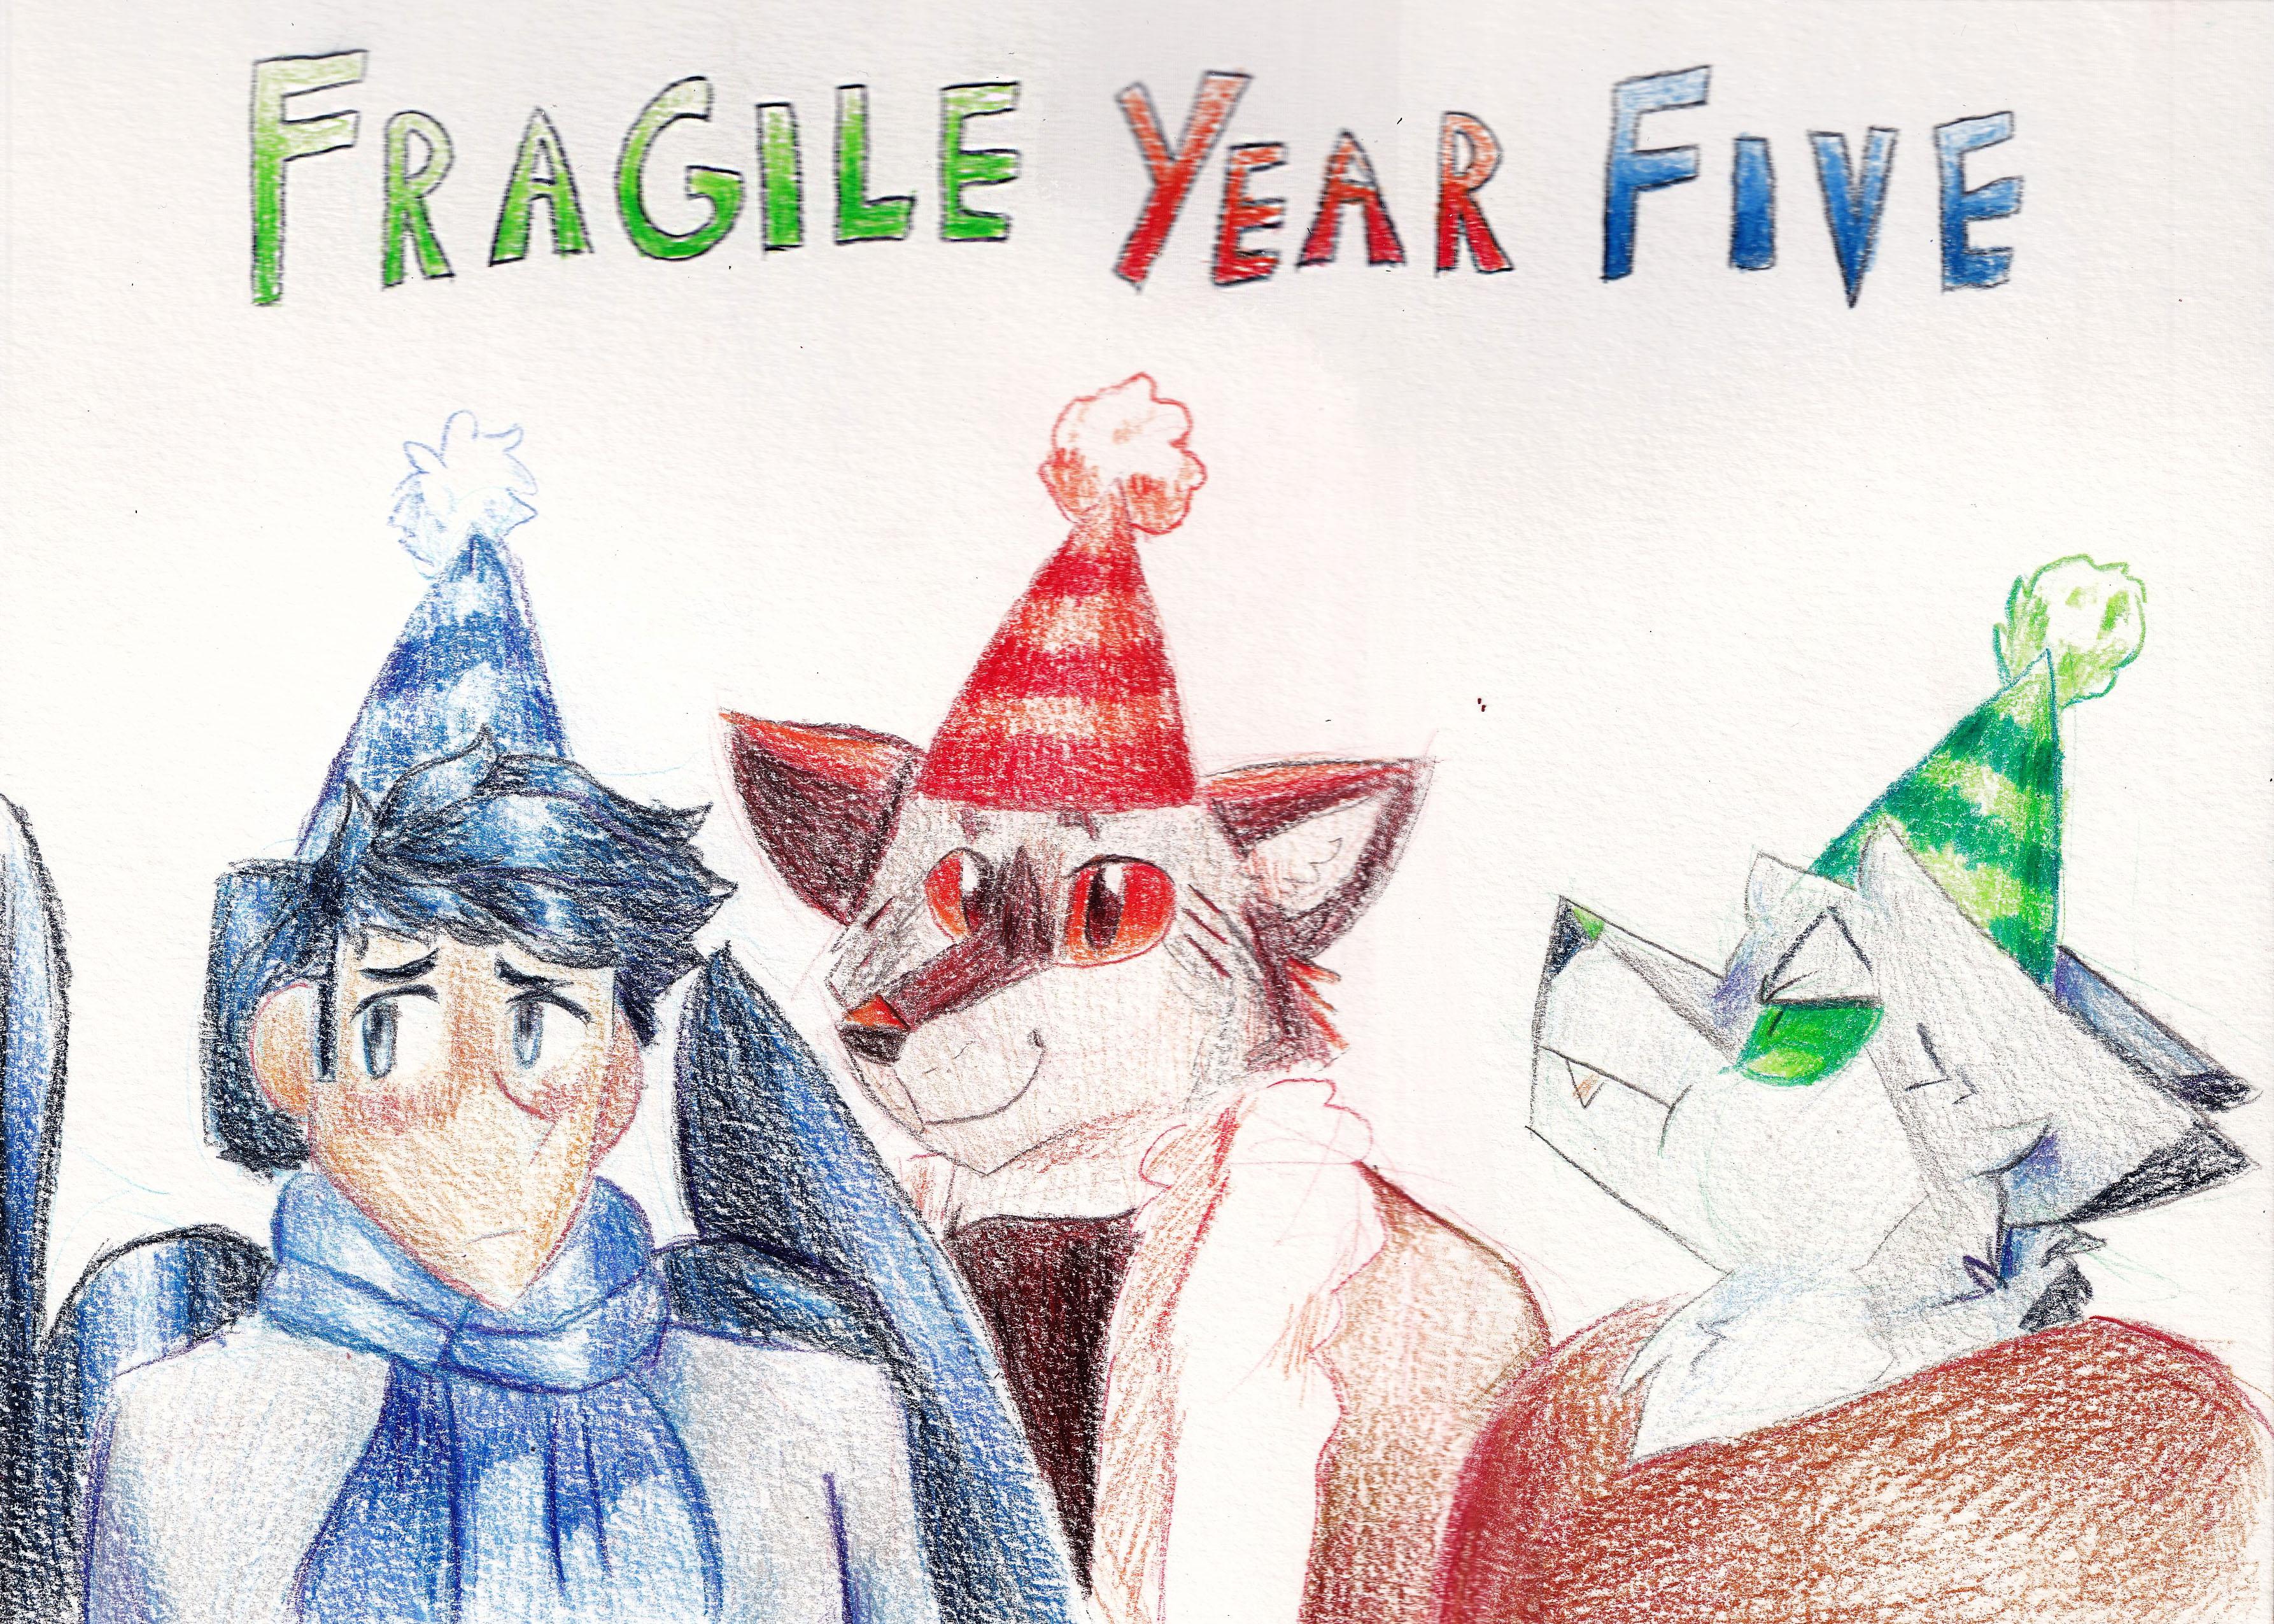 Fragile Year 5!